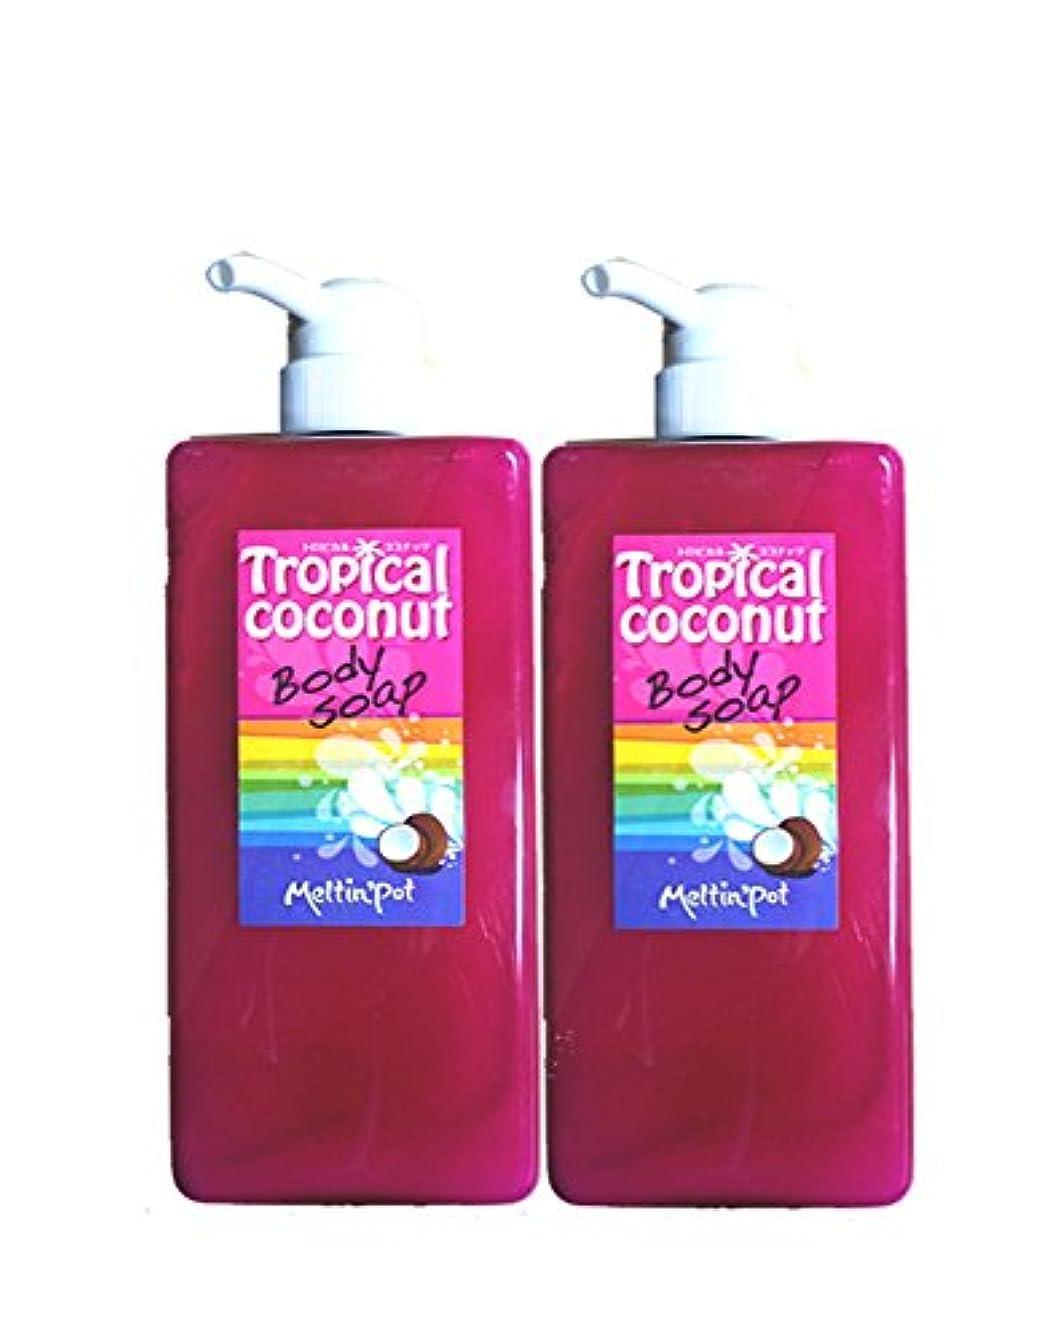 不十分なお勧めルーチントロピカルココナッツ ボディソープ 600ml*2セット Tropical coconut Body Soap 加齢臭に!